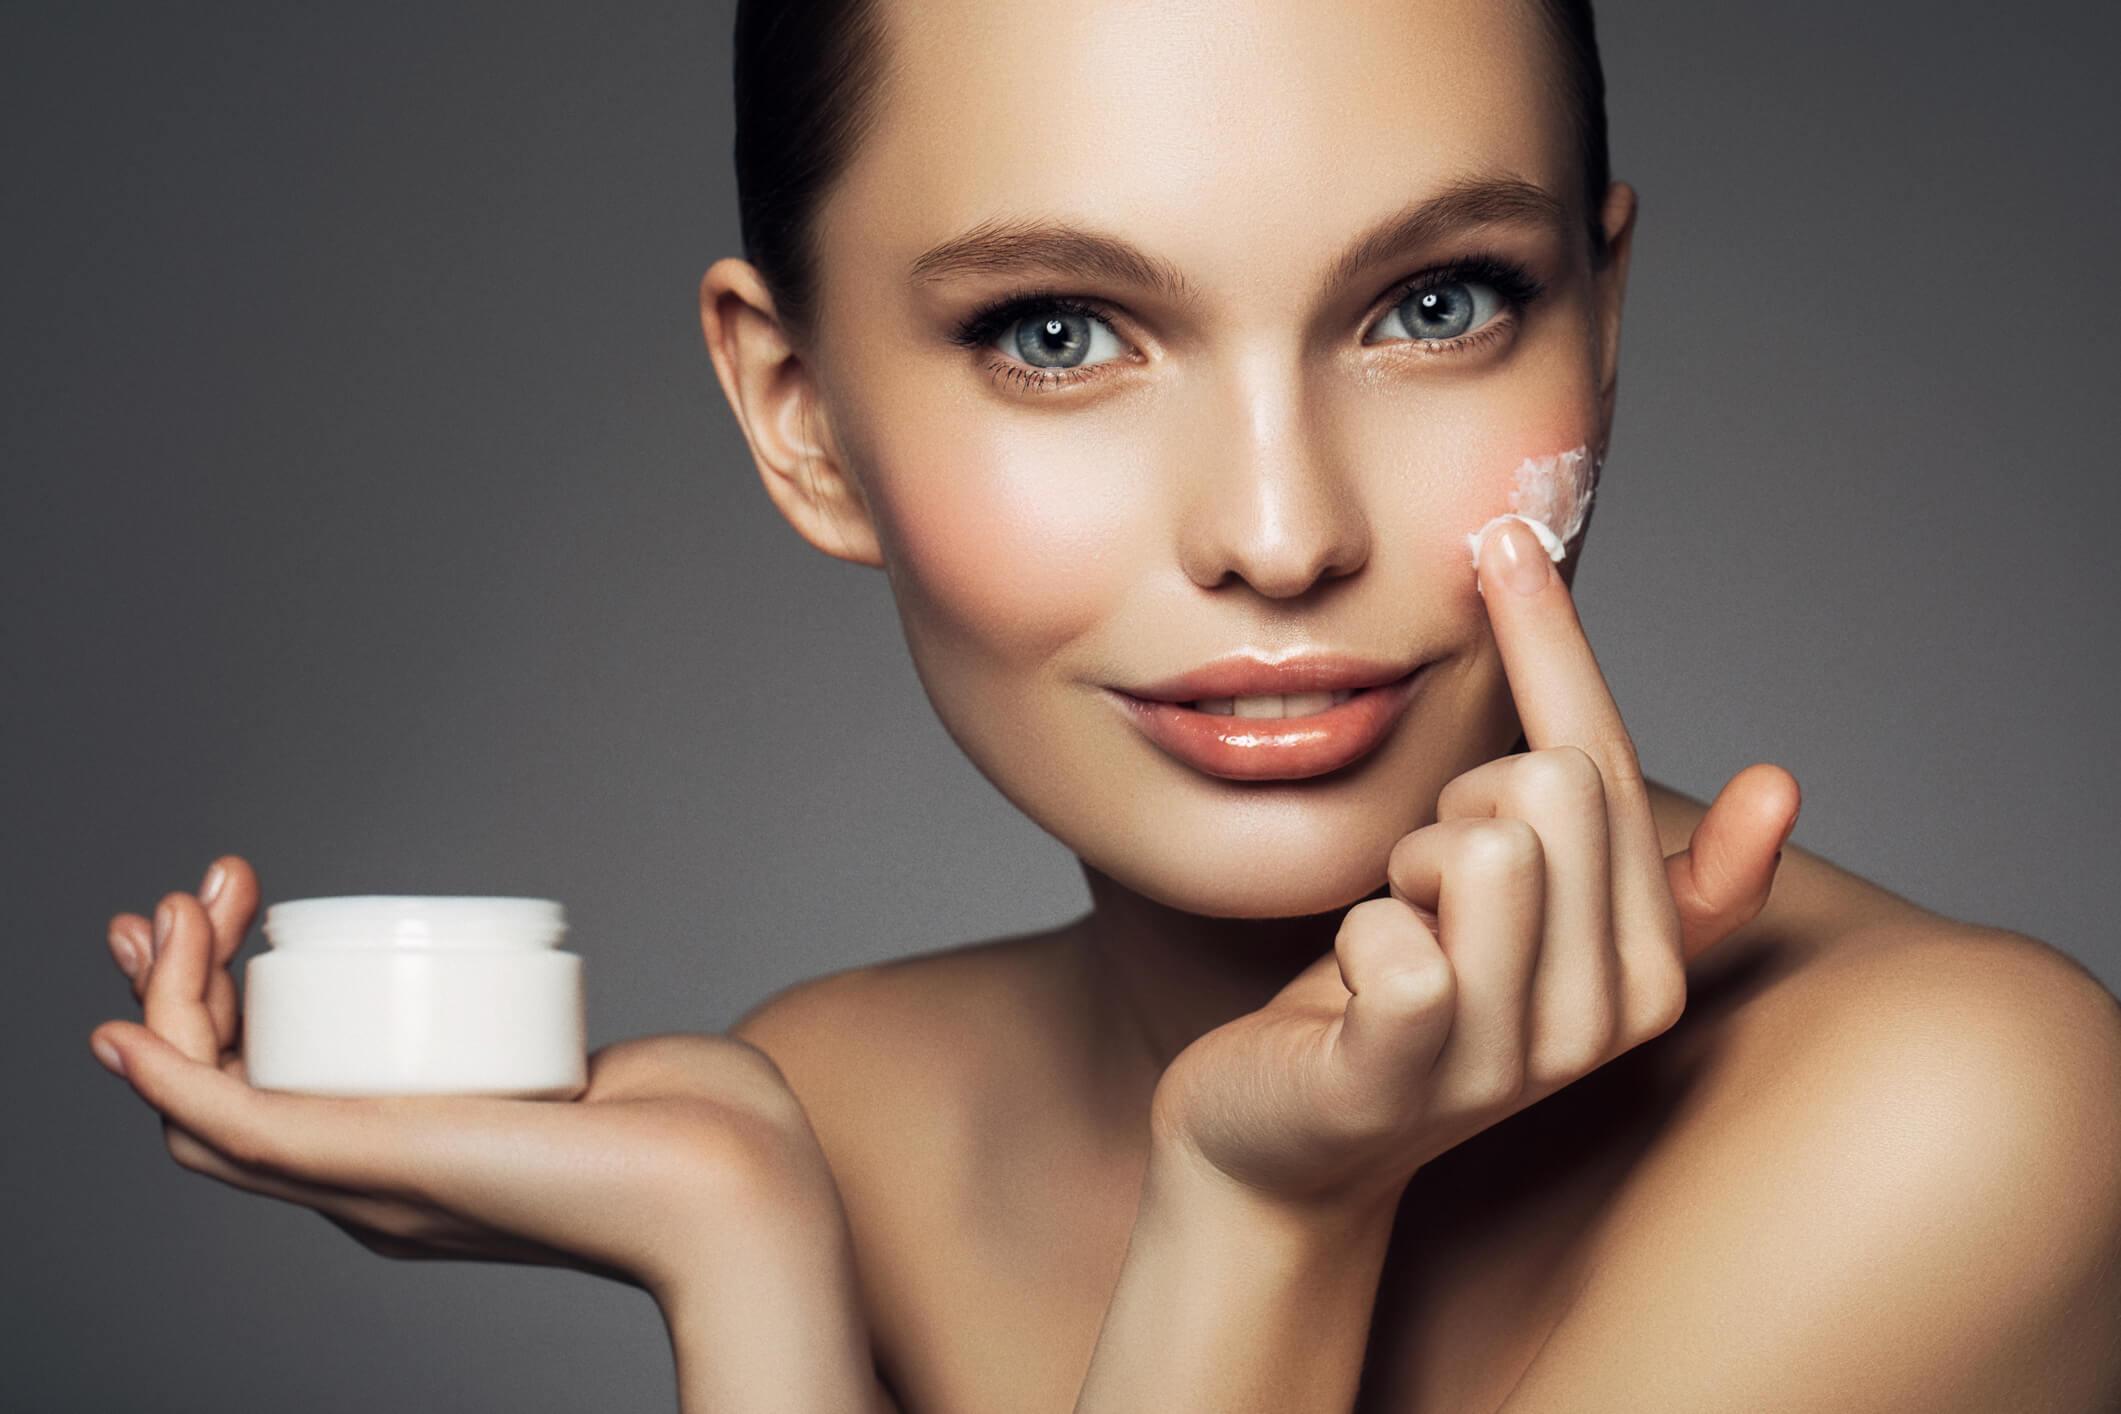 Лучшие увлажняющие крема для проблемной кожи лица по отзывам покупателей